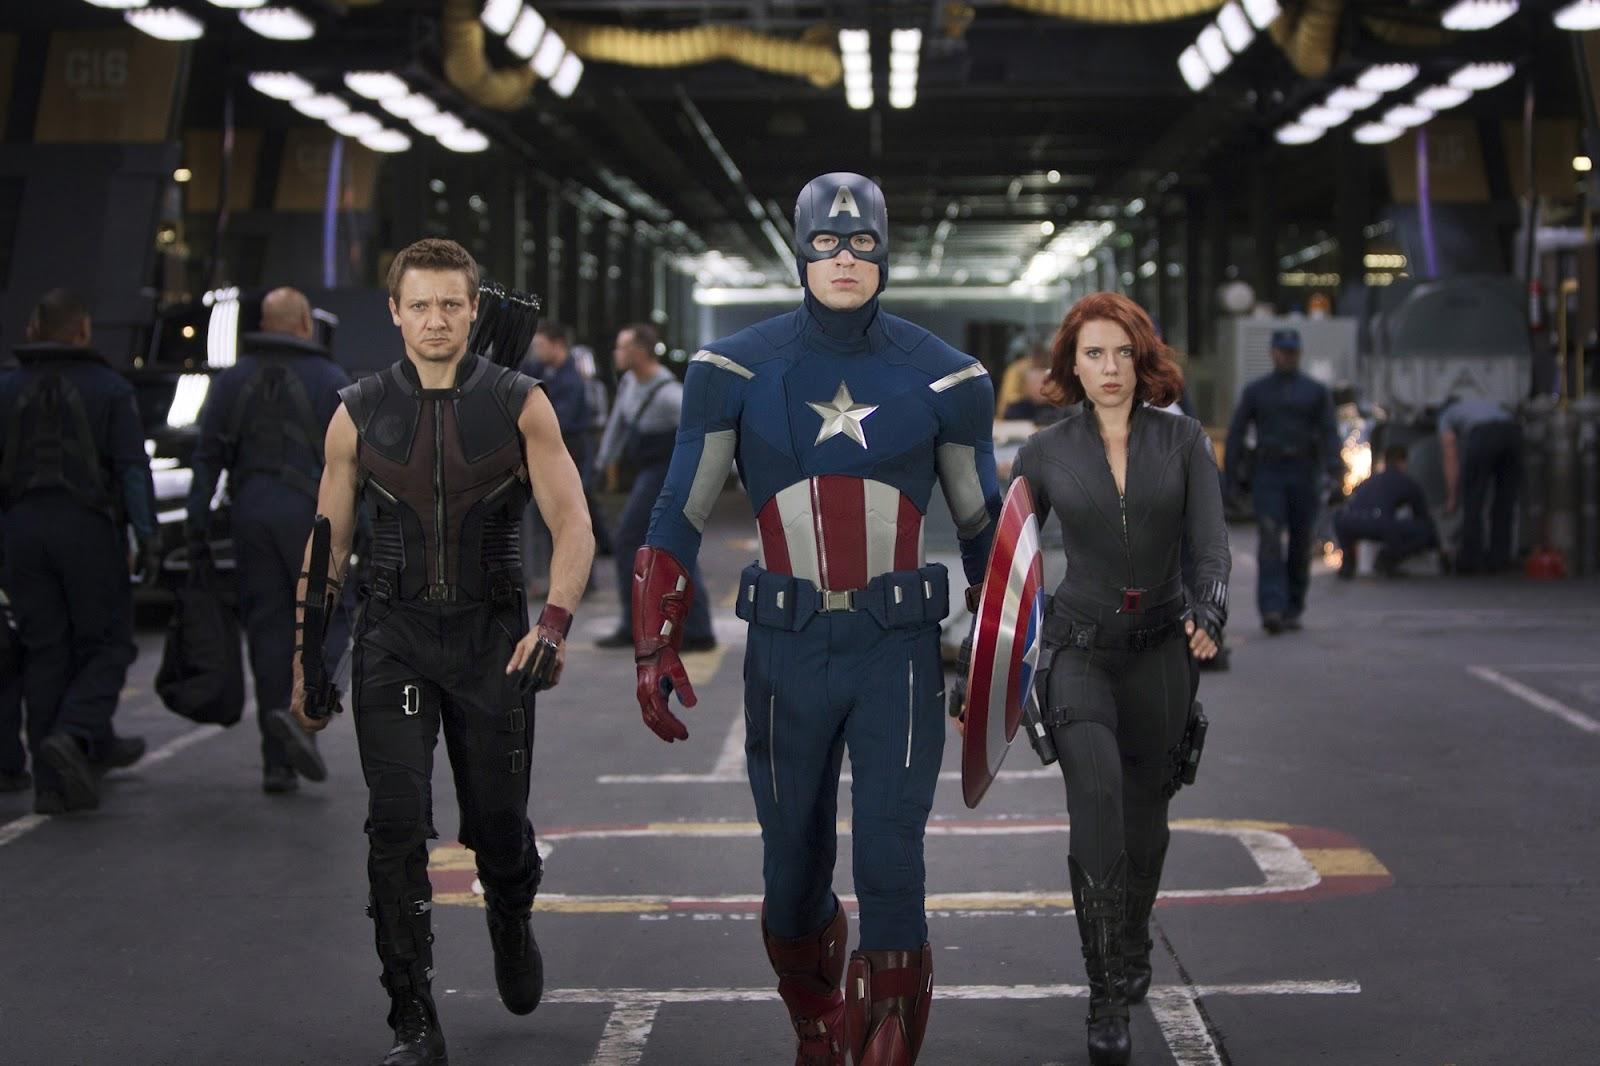 http://3.bp.blogspot.com/-jOVT9ltAoac/T6cfRg0XbWI/AAAAAAAABEg/ZsGcqKGO93w/s1600/Jeremy-Renner-Chris-Evans-and-Scarlett-Johansson-in-The-Avengers-2012.jpg